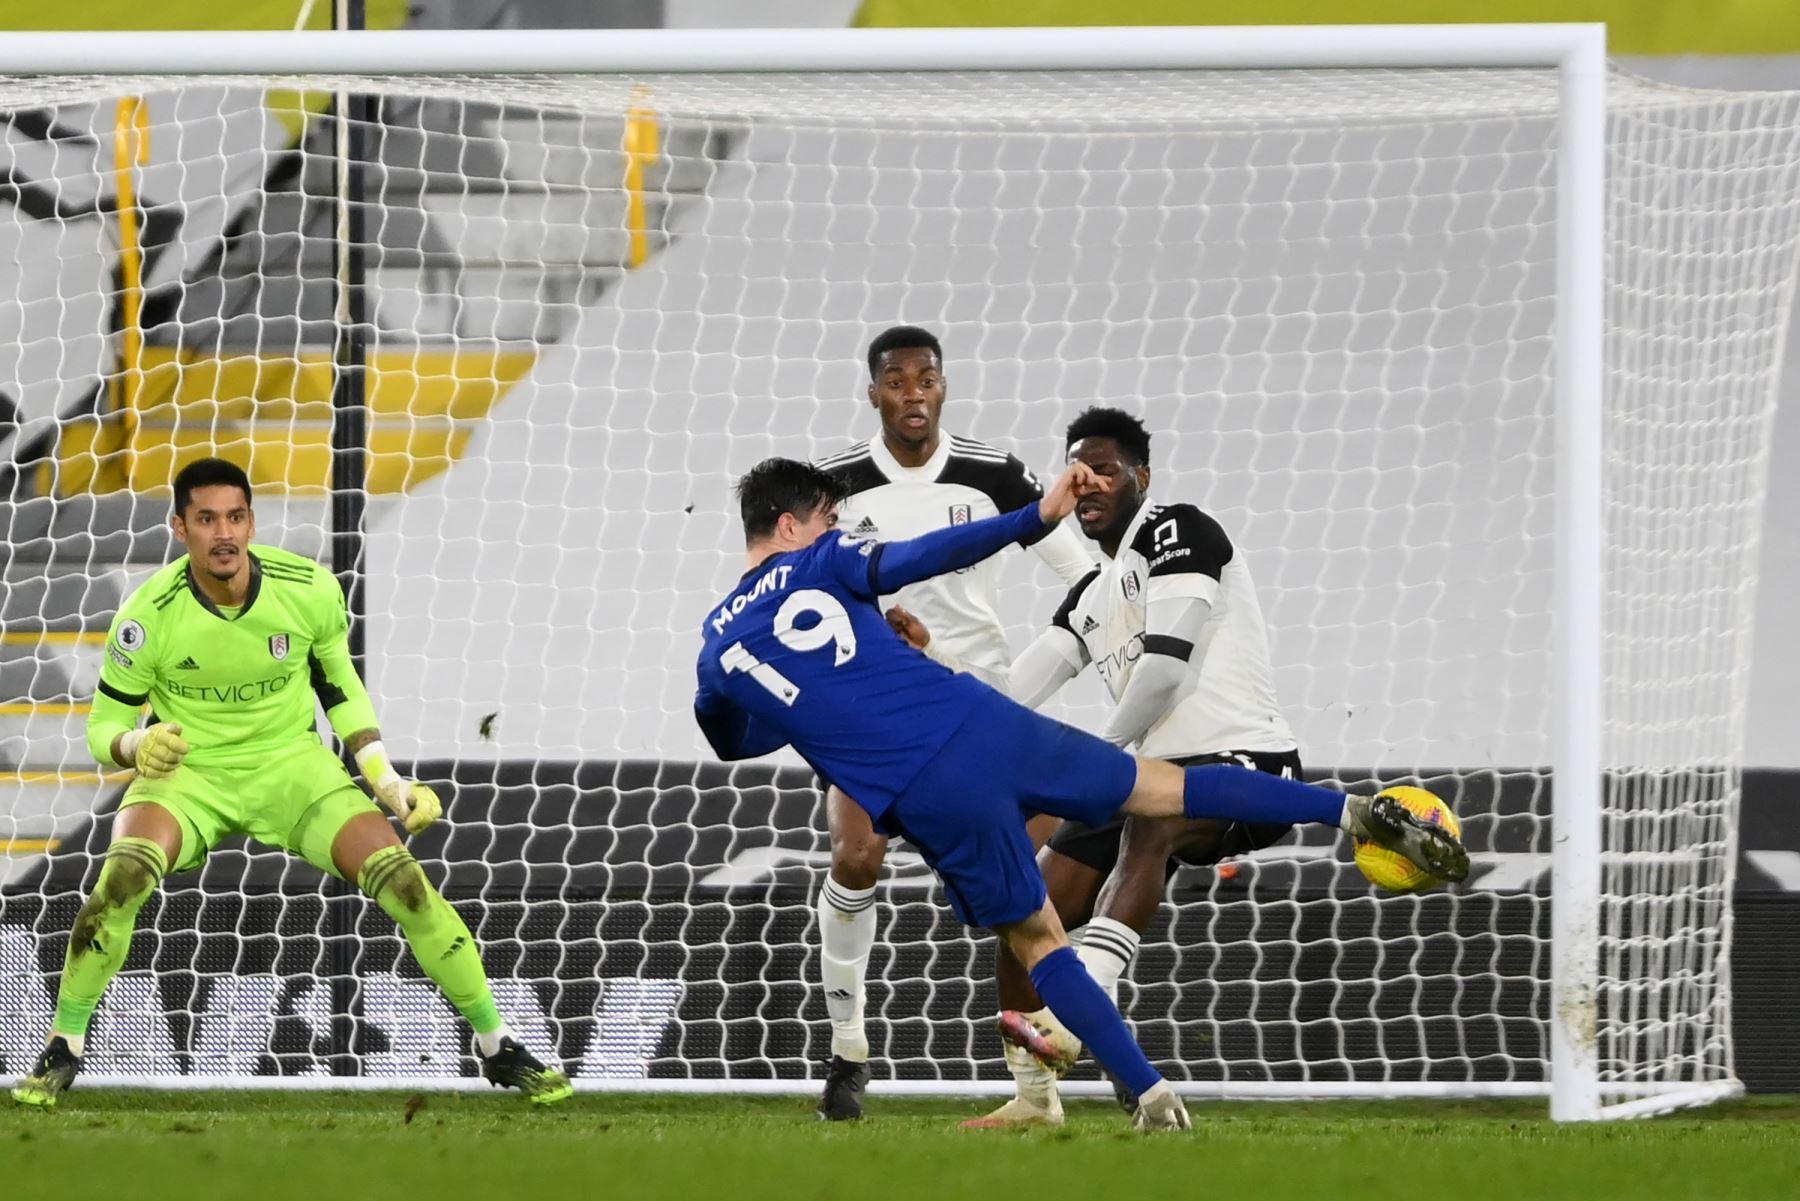 El centrocampista inglés de Chelsea, Mason Mount, dispara para marcar el gol de apertura durante el partido de fútbol de la Premier League inglesa entre Fulham y Chelsea en Craven Cottage en Londres. Foto: AFP